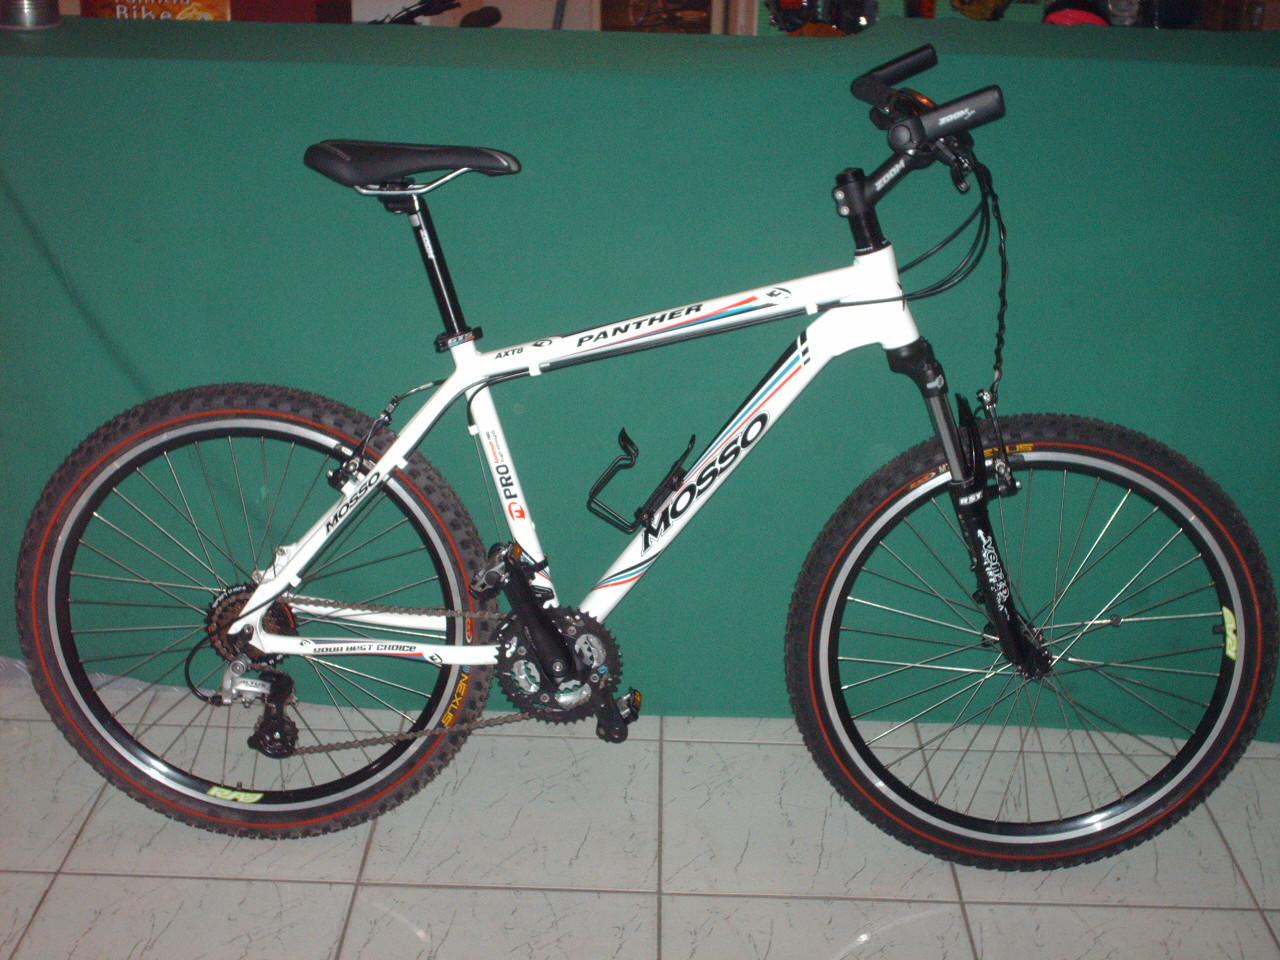 Ciclo Vida Nova. A bike shop mais completa de itapecerica da serra ... 617e9cd4fbc